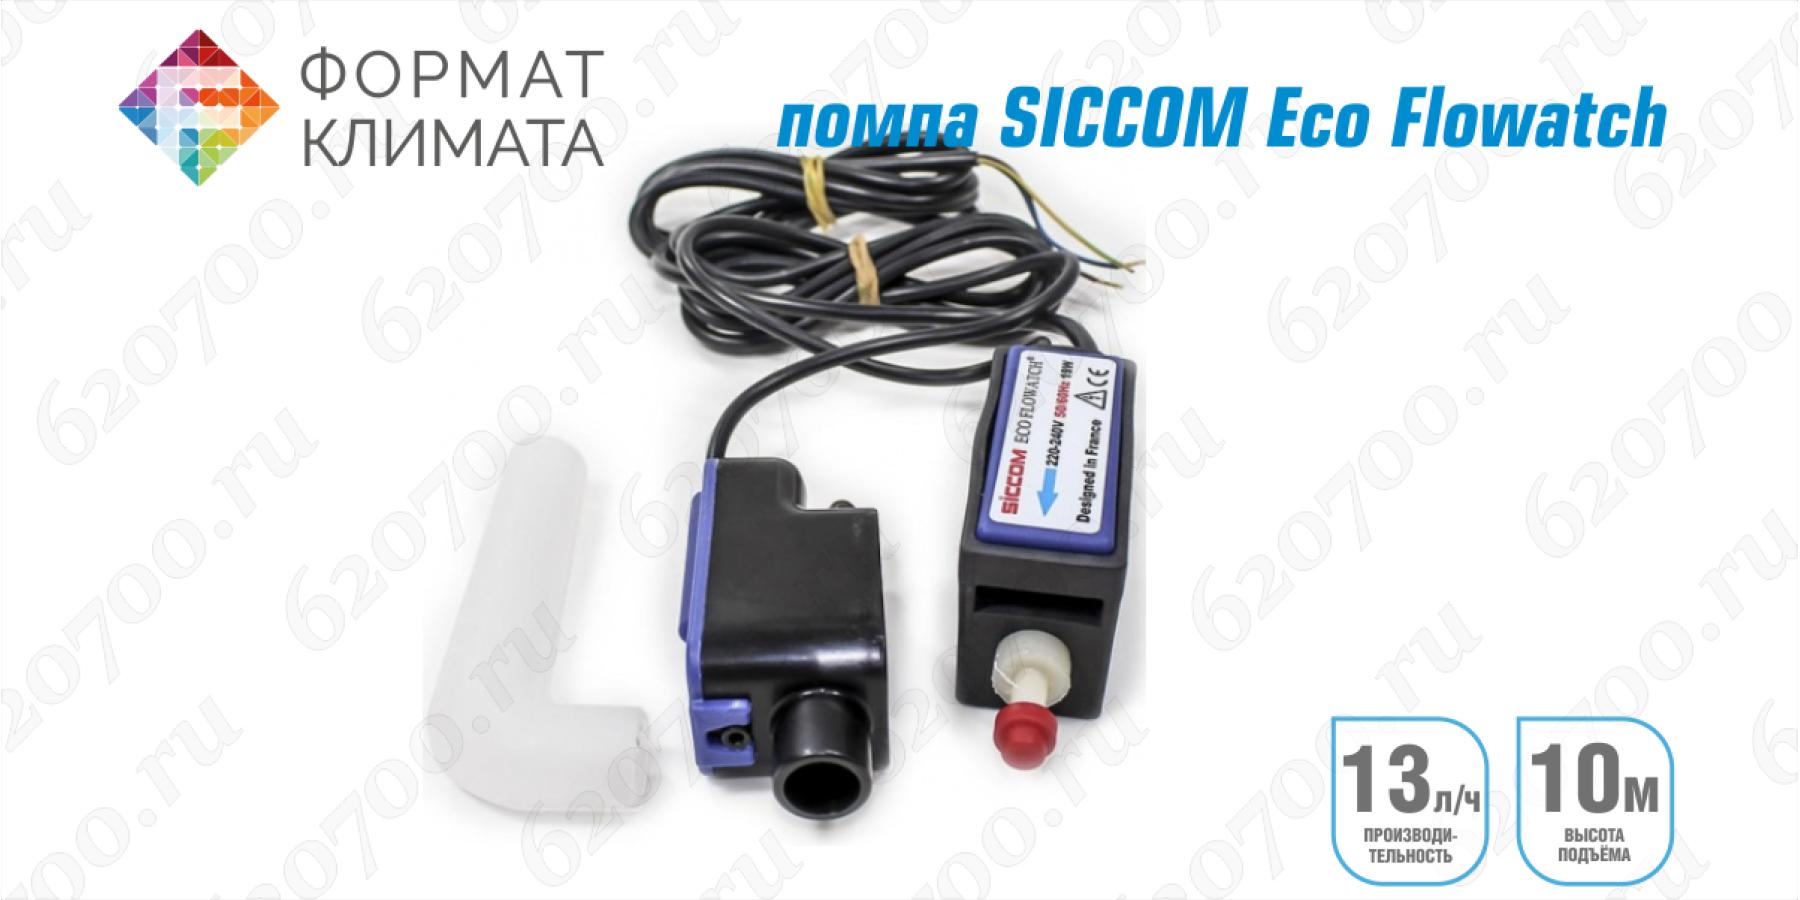 Помпа дренажная Siccom Eco Flowatch 10 л/ч